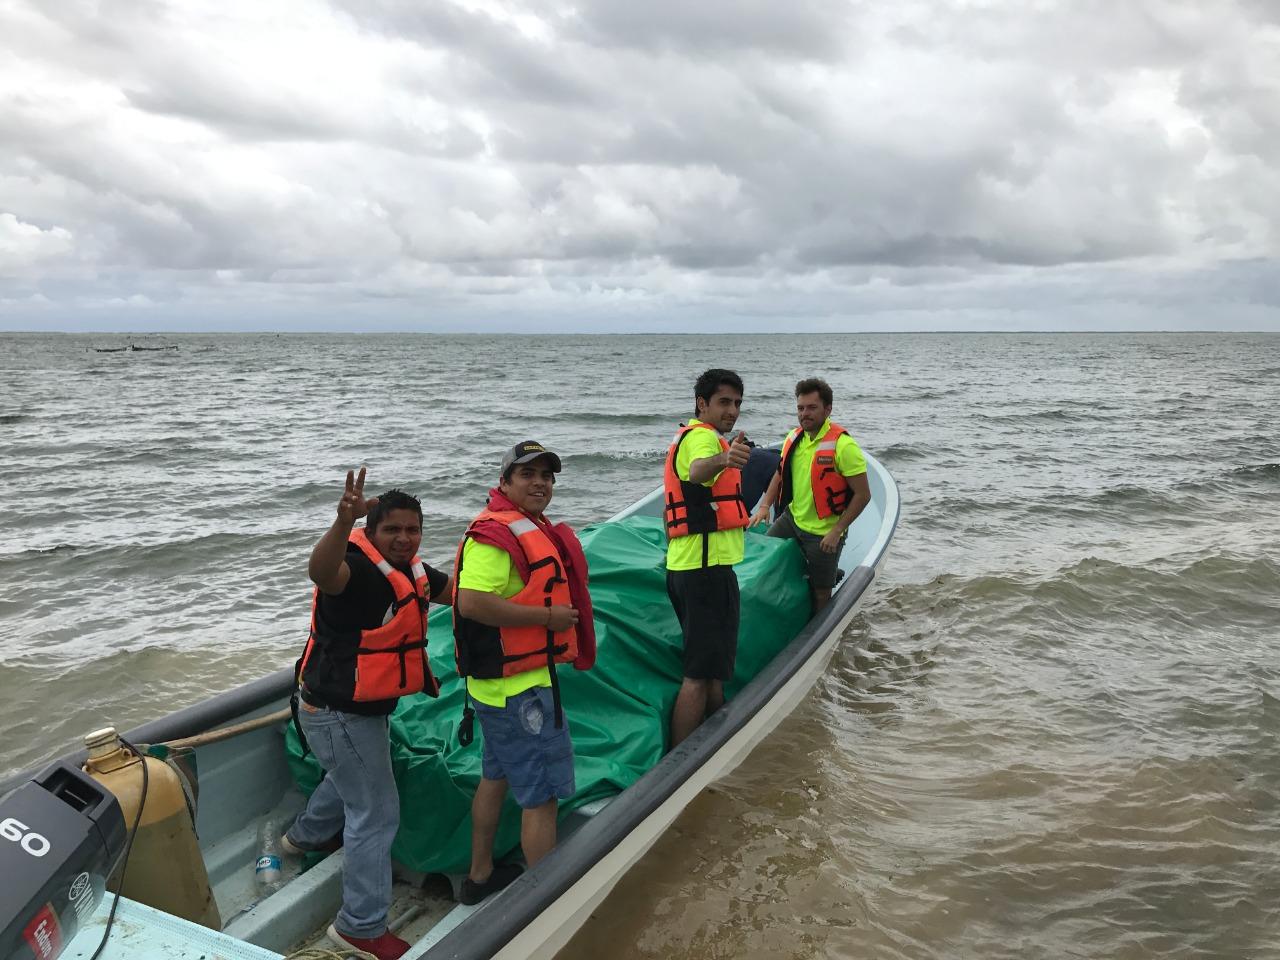 voluntariado-santa-maría6.jpeg